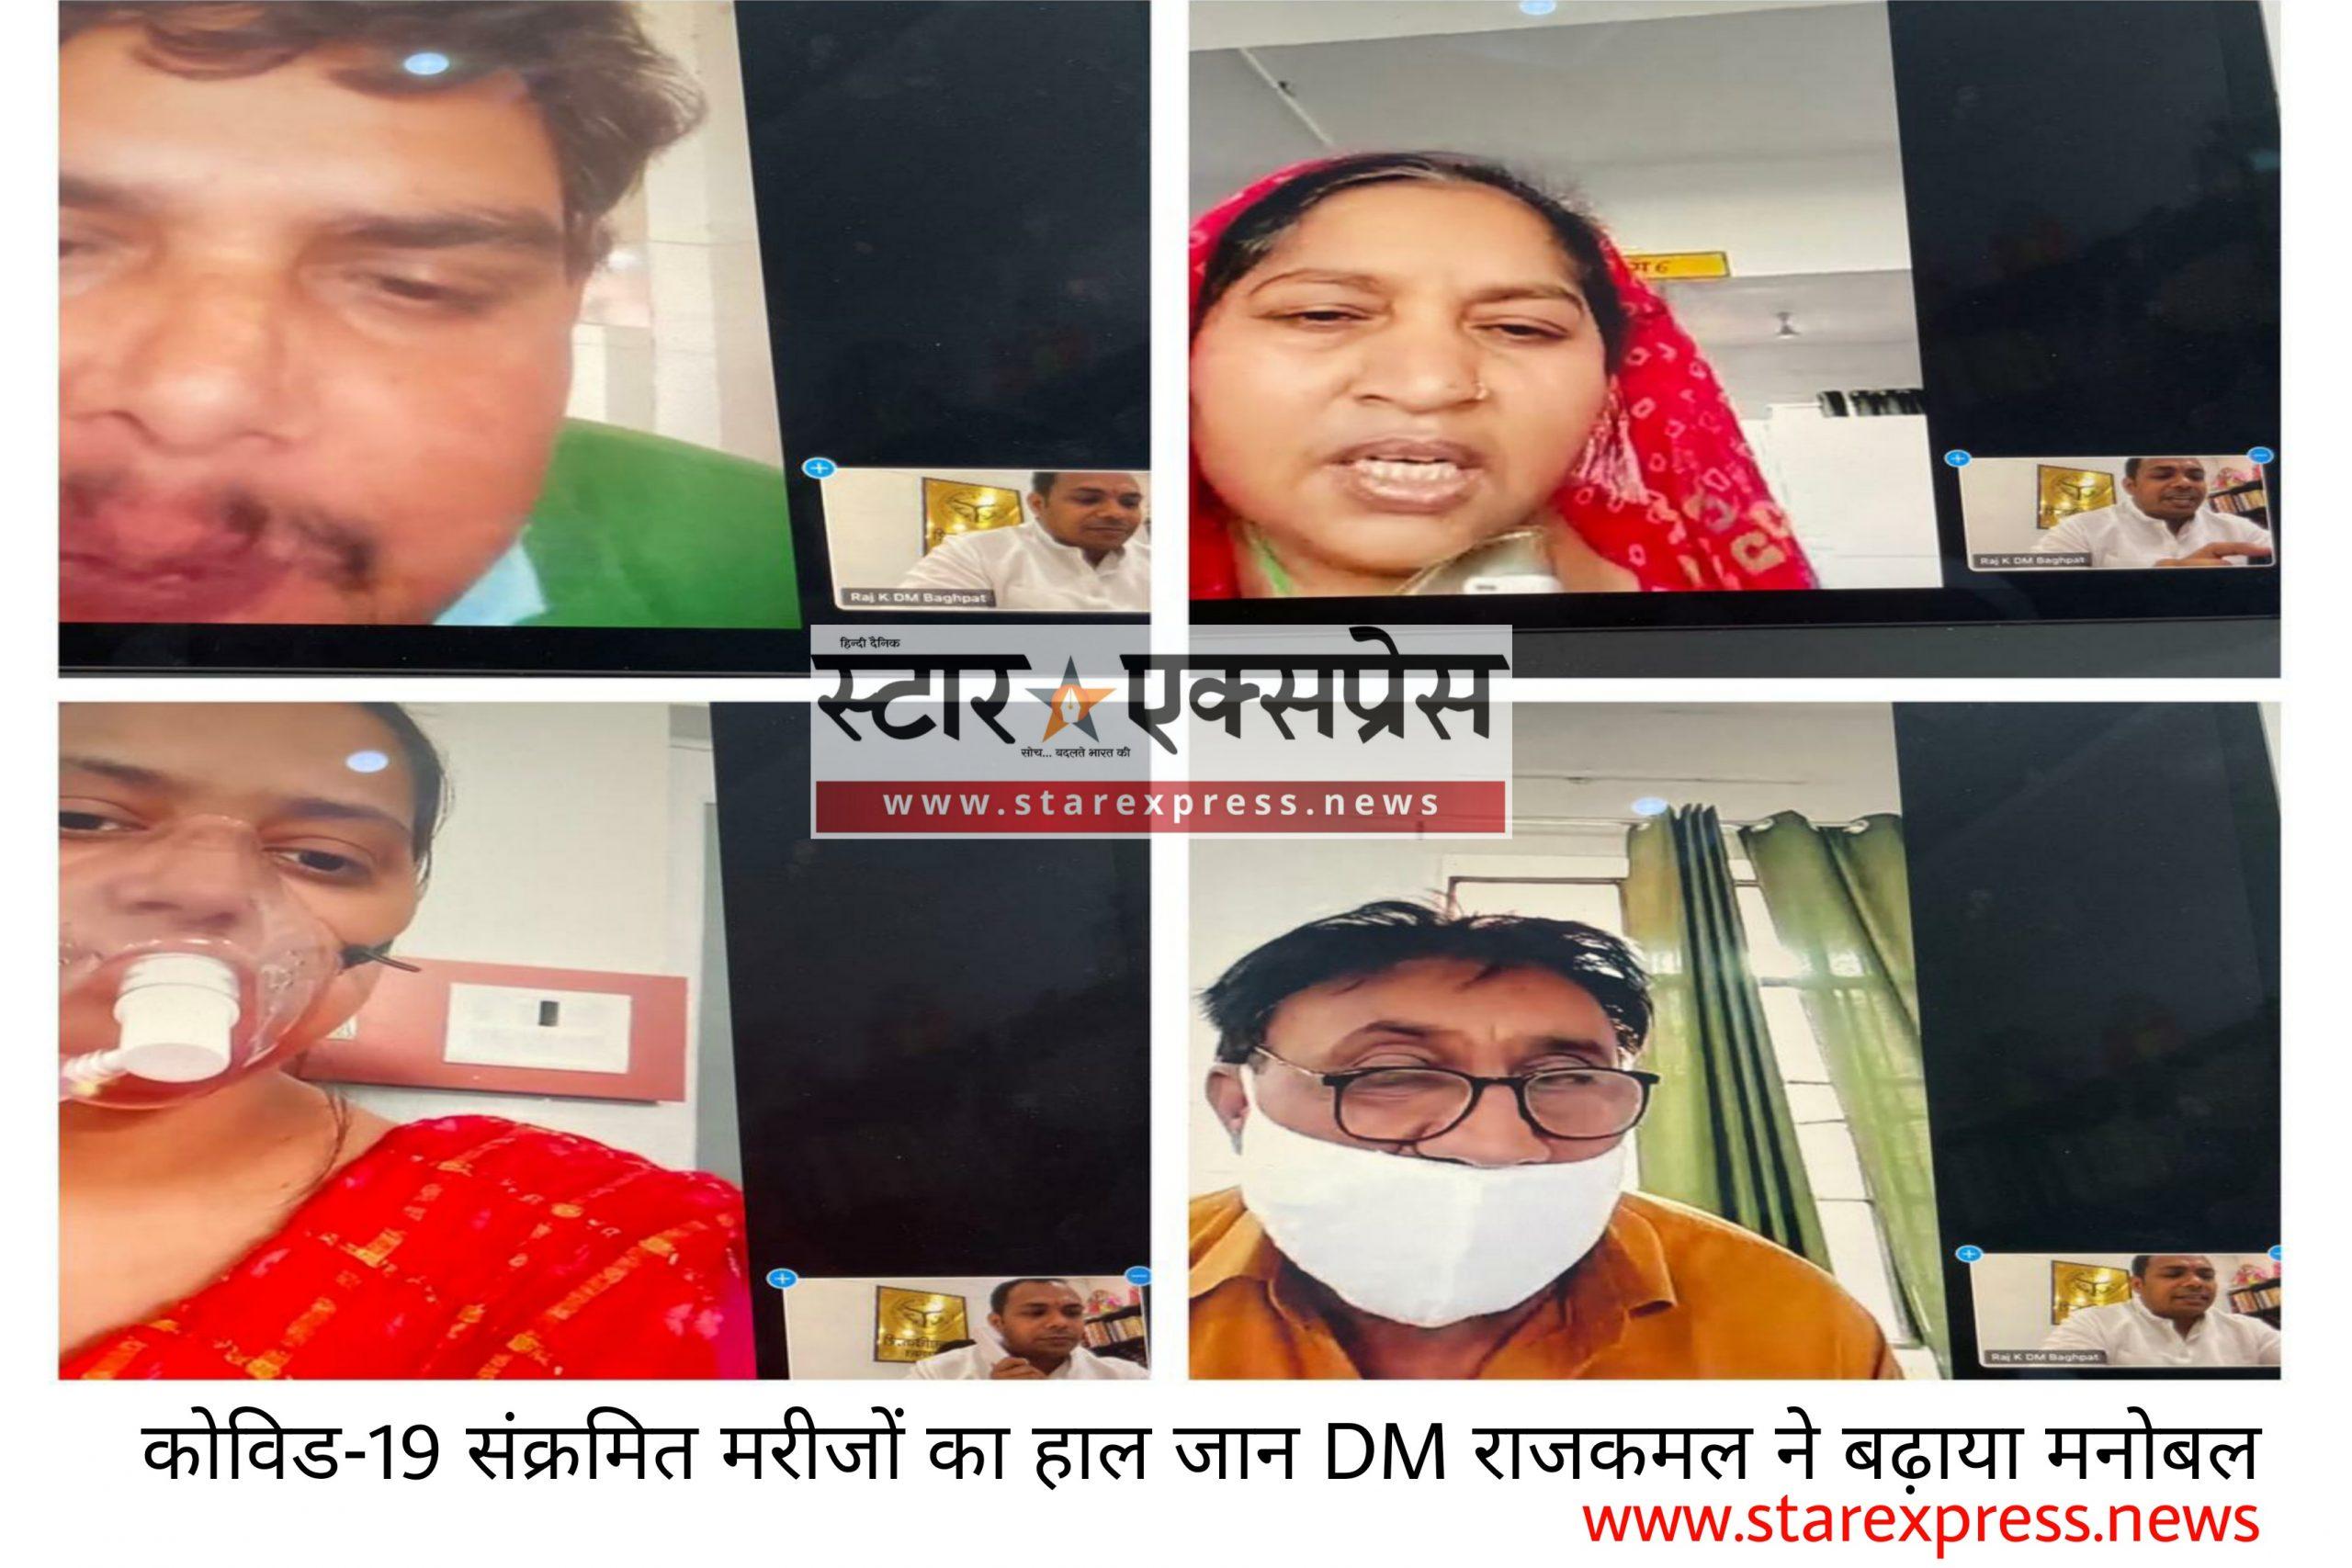 Photo of कोविड-19 संक्रमित मरीजों का हाल जान DM राजकमल ने बढ़ाया मनोबल, चिकित्सकों द्वारा दी जा रही सेवाओं का किया सत्यापन